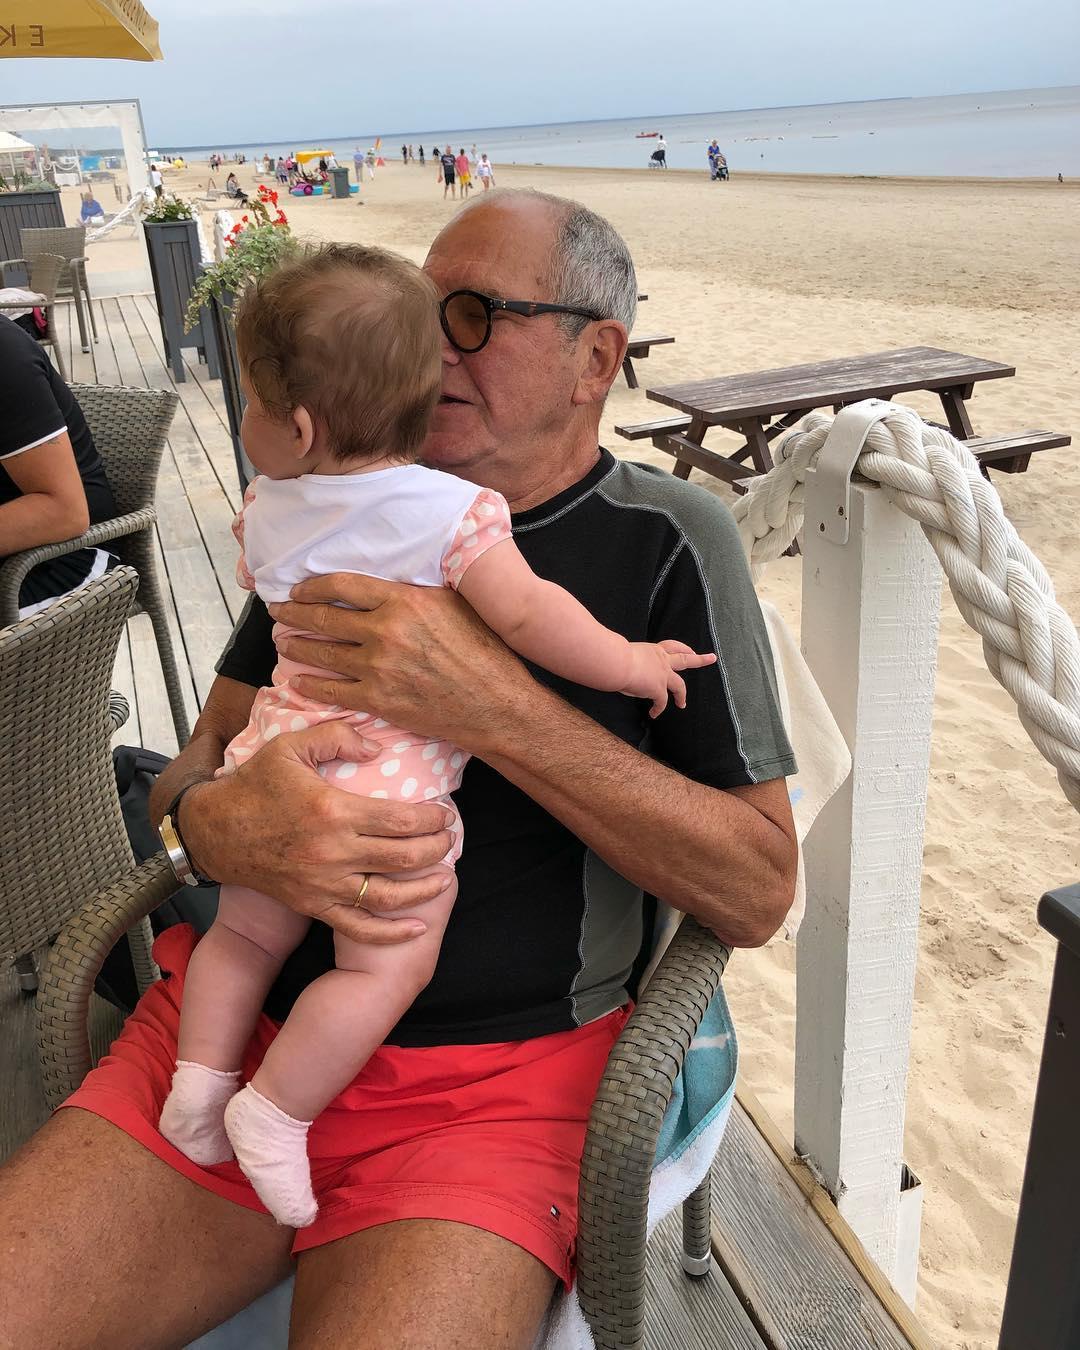 Новое видео Эммануила Виторгана на прогулке с маленькой дочерью наделало много шуму в сети